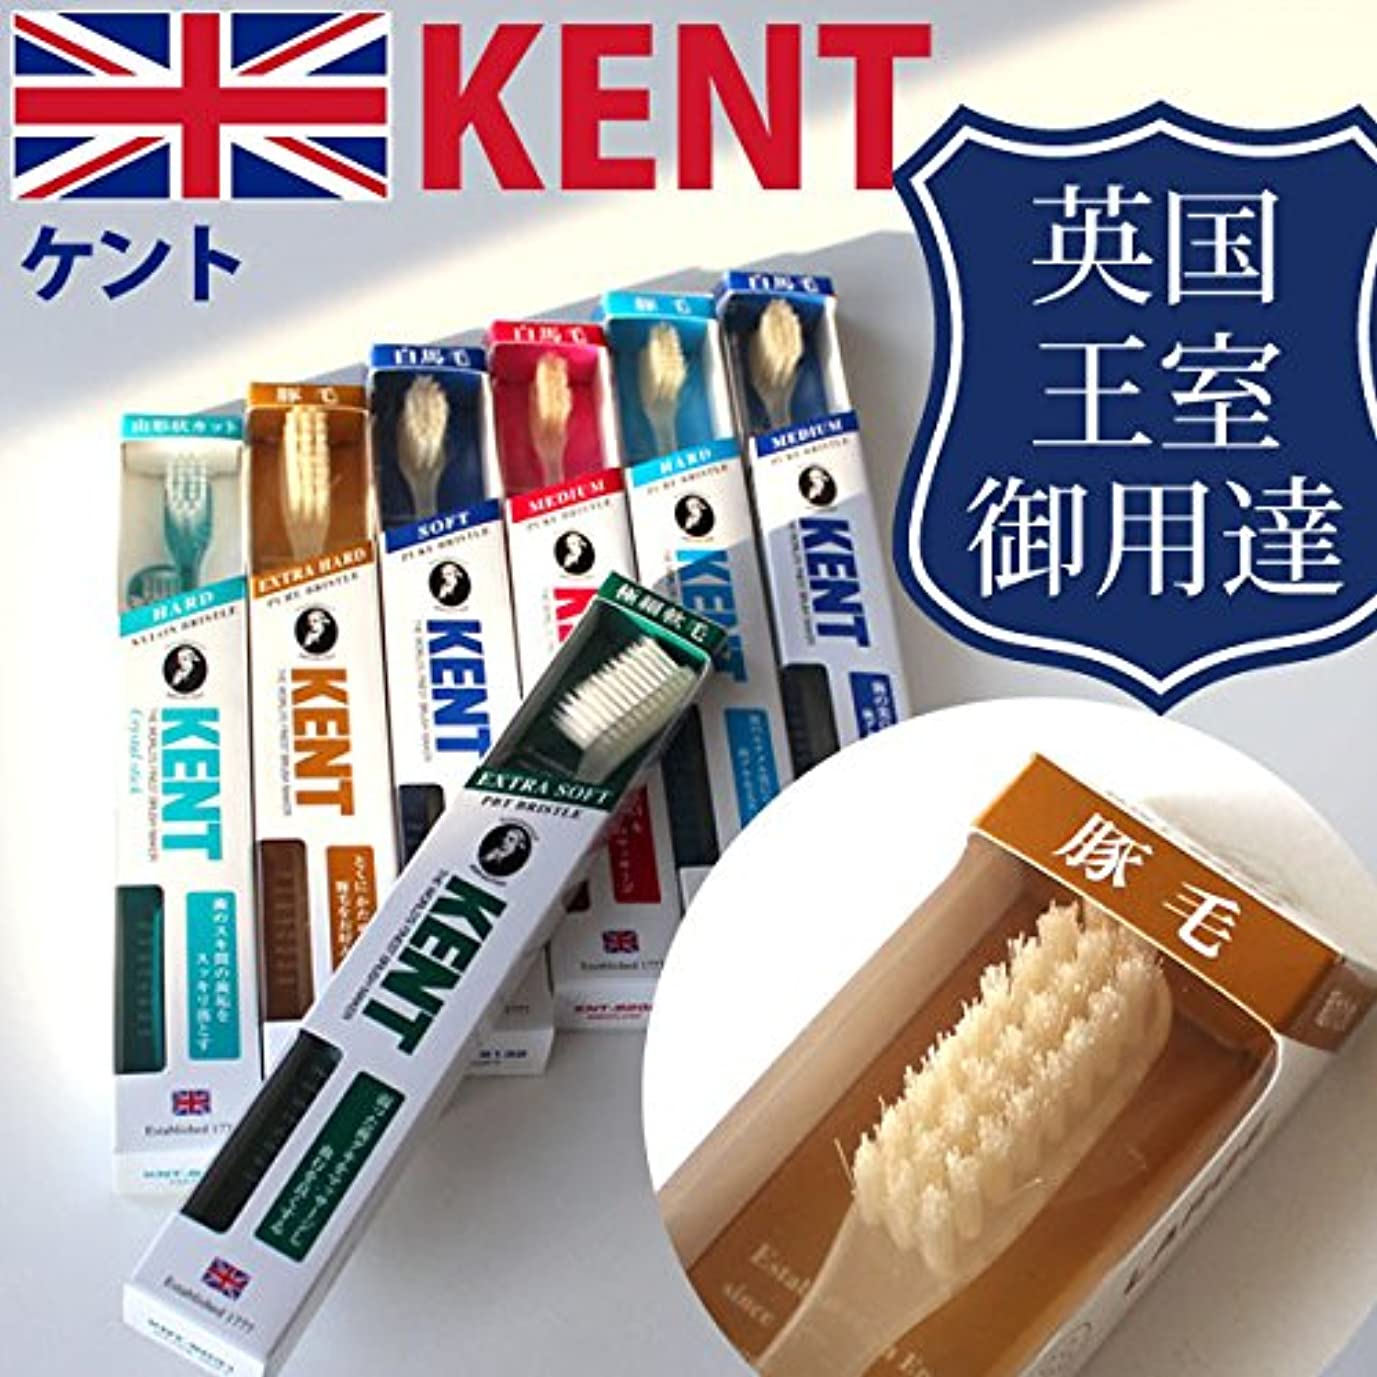 物思いにふける読書資源ケント KENT 豚毛 ラージヘッド 歯ブラシKNT-9433 超かため 6本入り しっかり磨ける天然毛のラジヘ